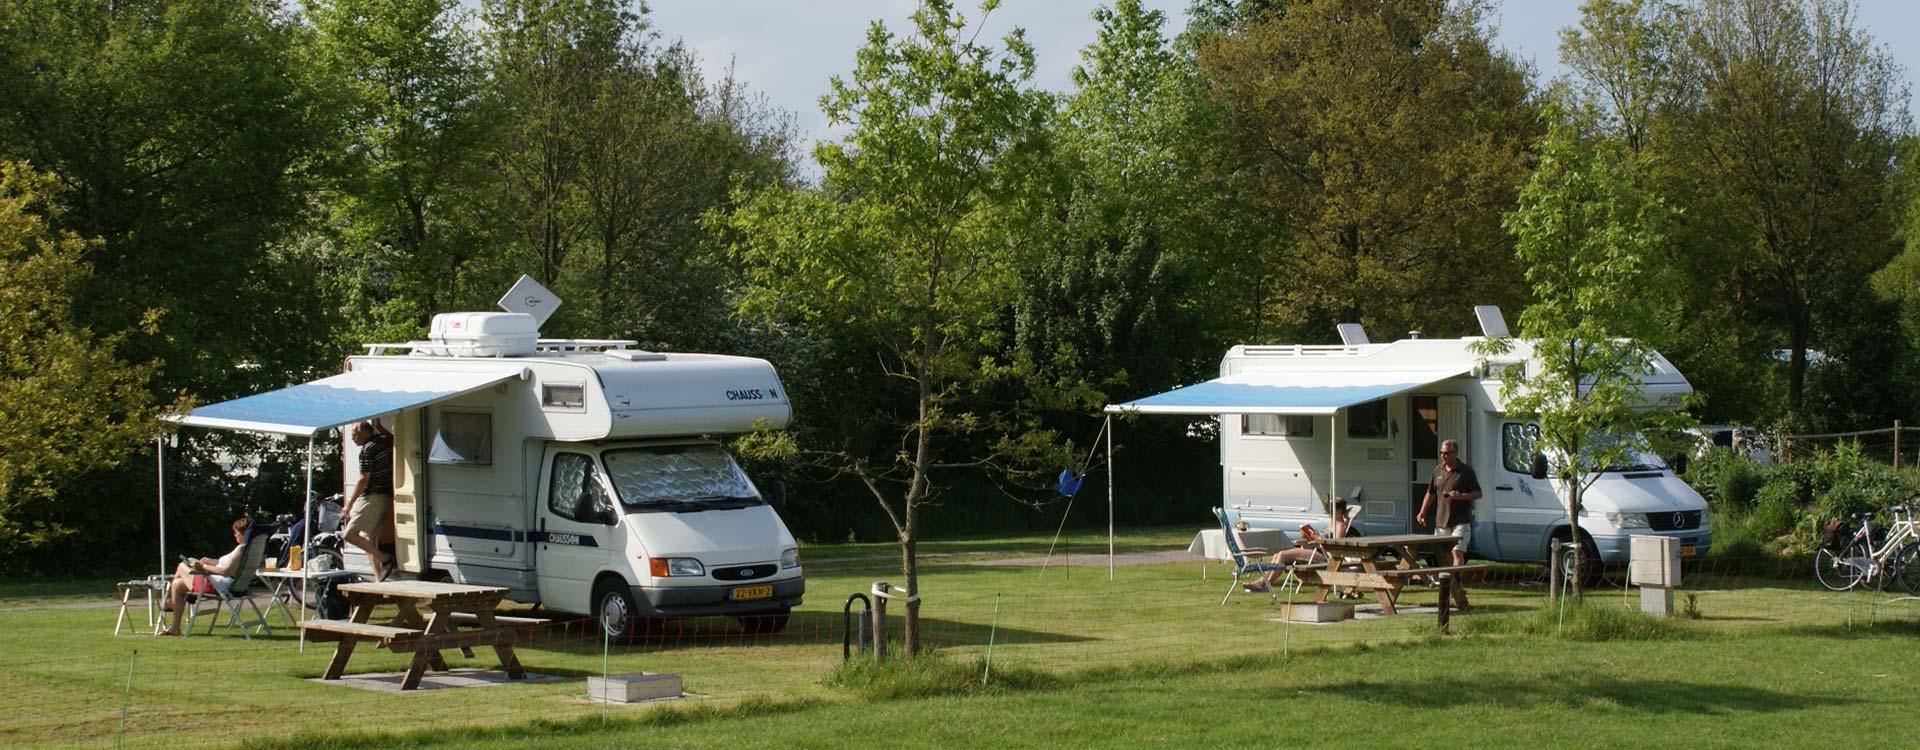 camperplaats-in-drenthe-op-een-van-de-top-camper-campings